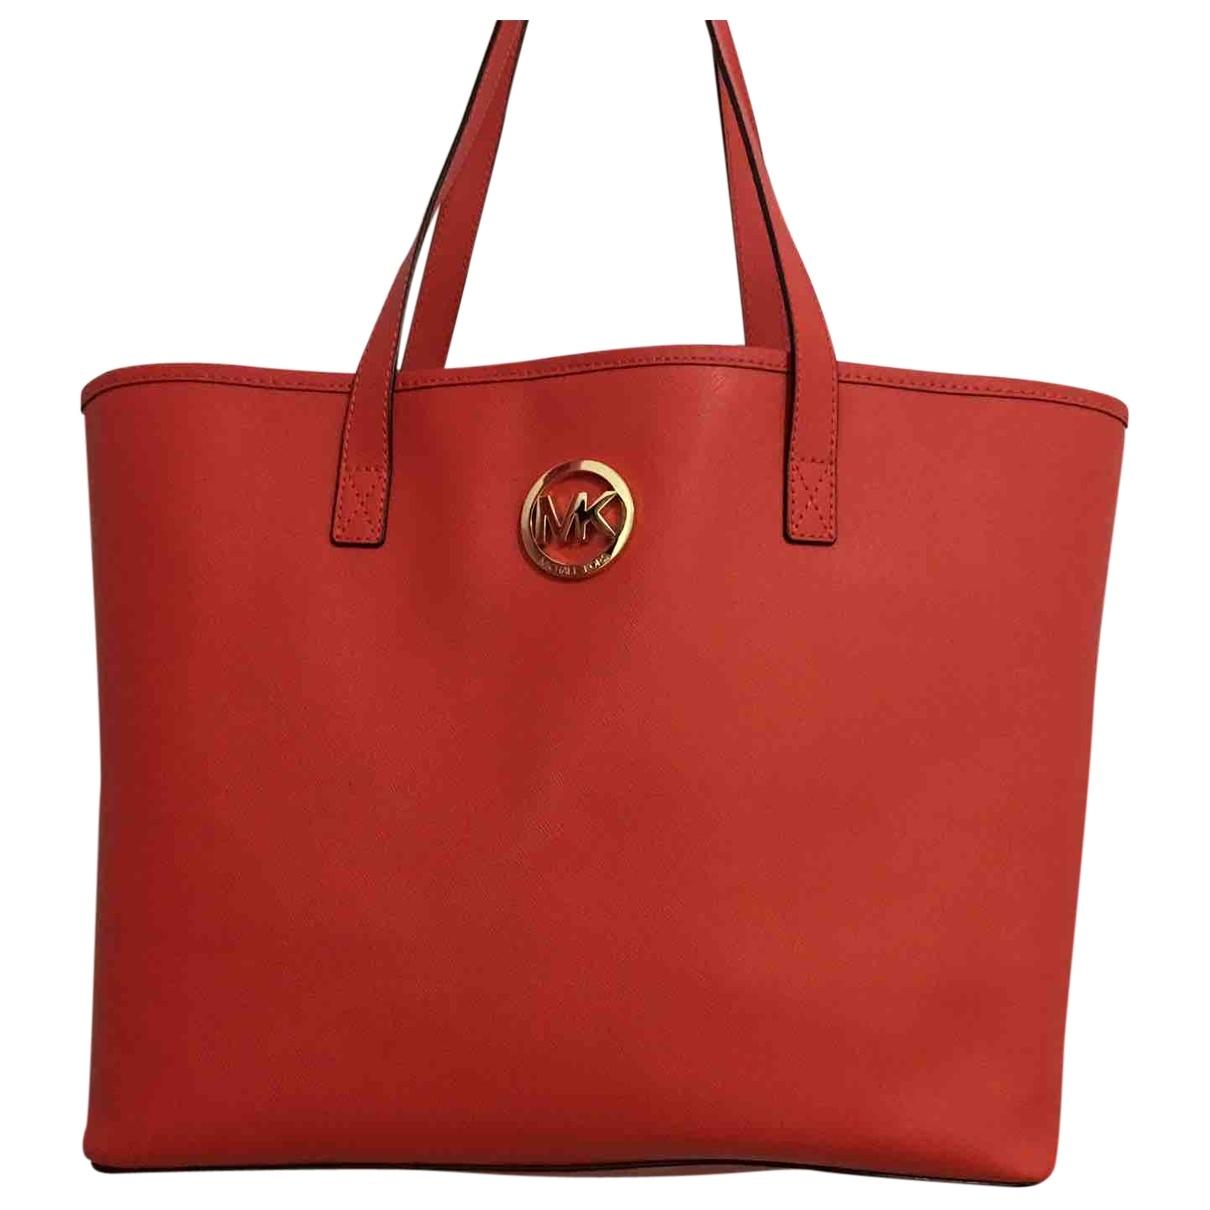 Michael Kors \N Red Leather handbag for Women \N